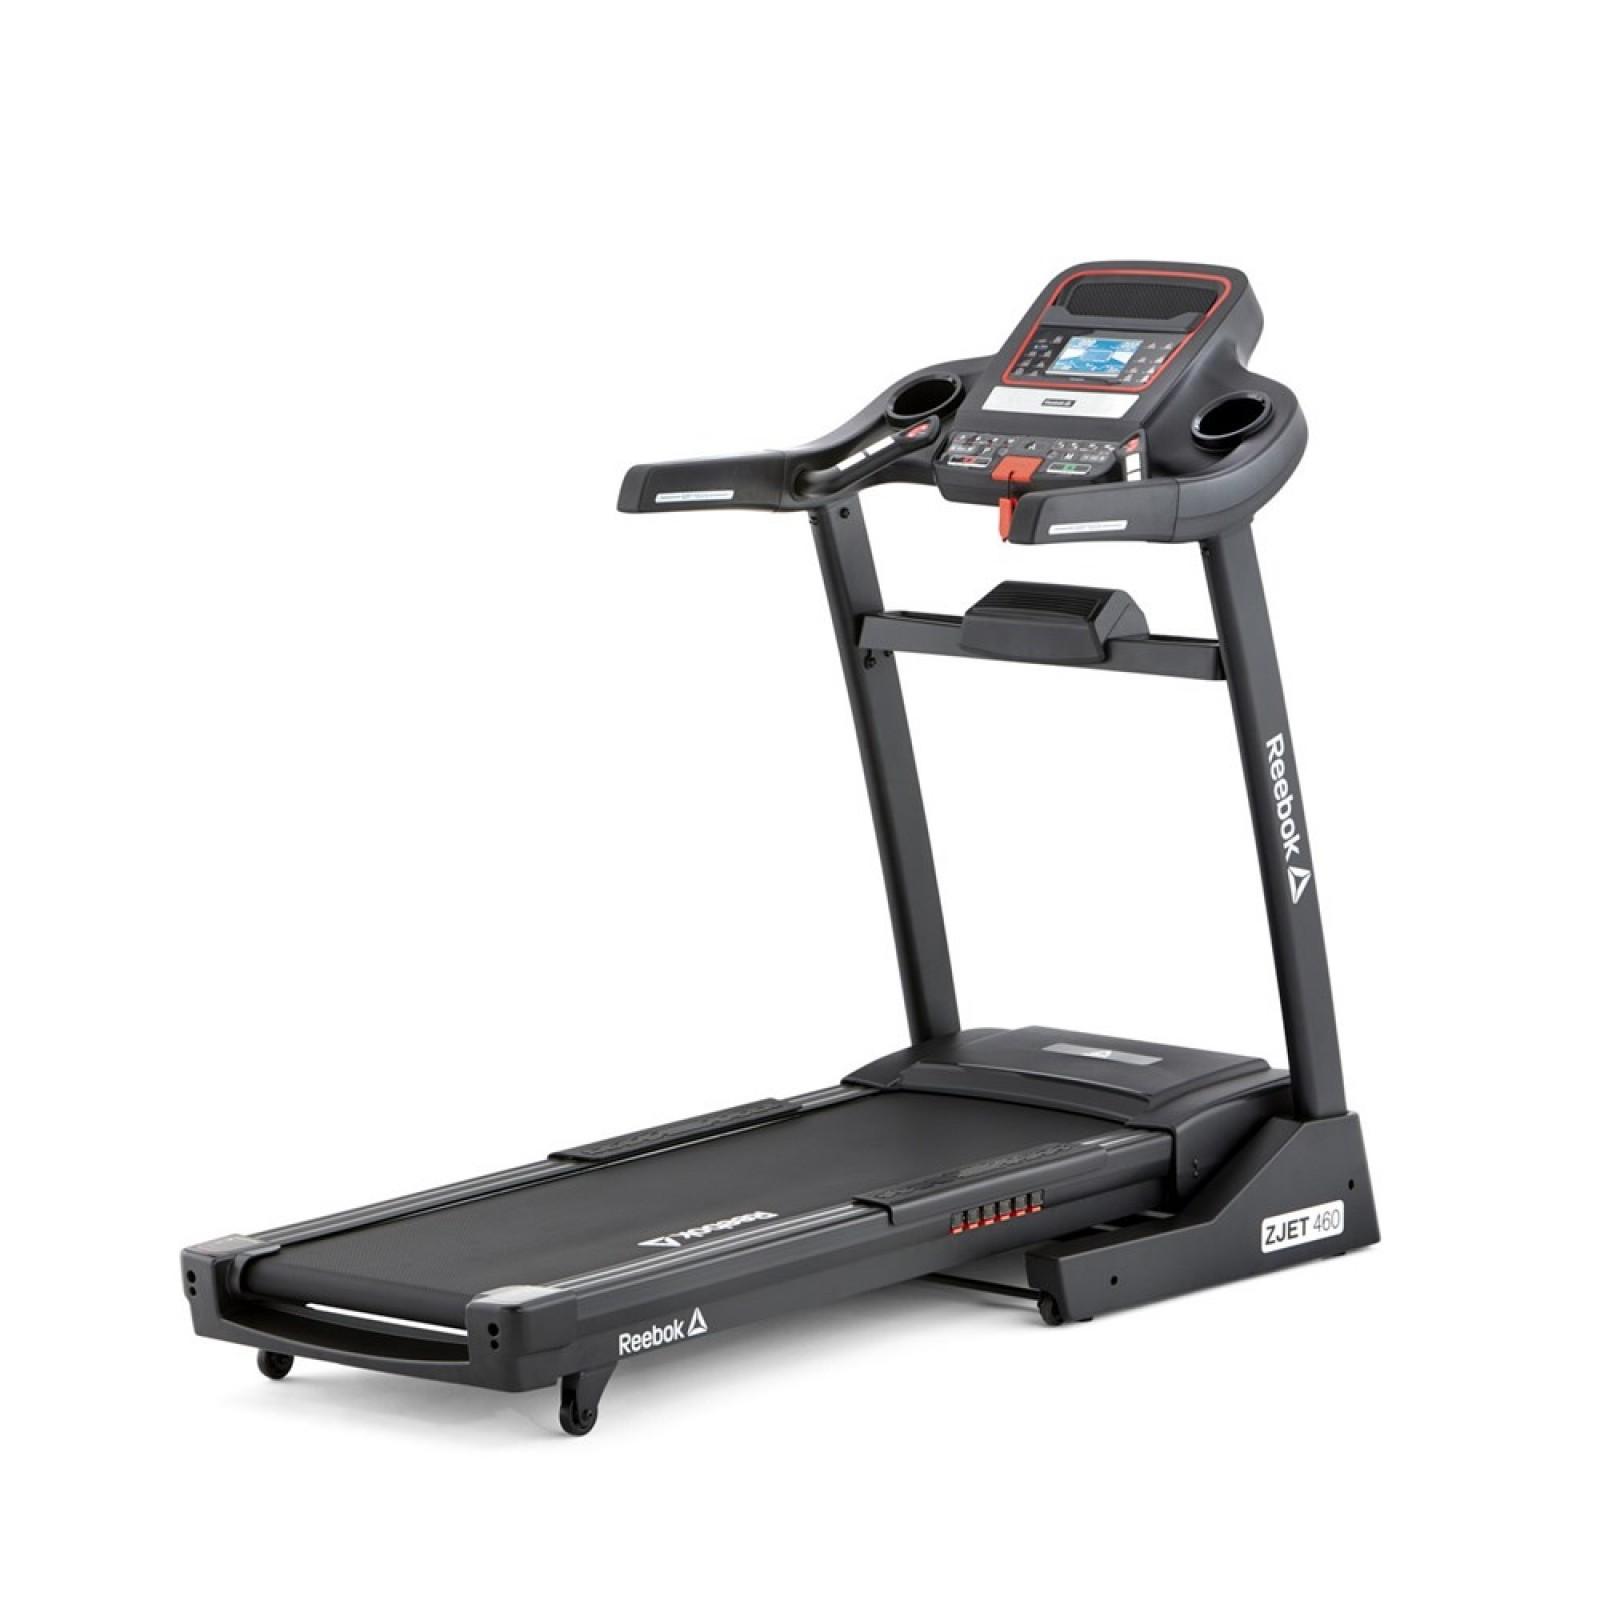 Worn Treadmill Deck: Reebok Treadmill Z-Jet 460